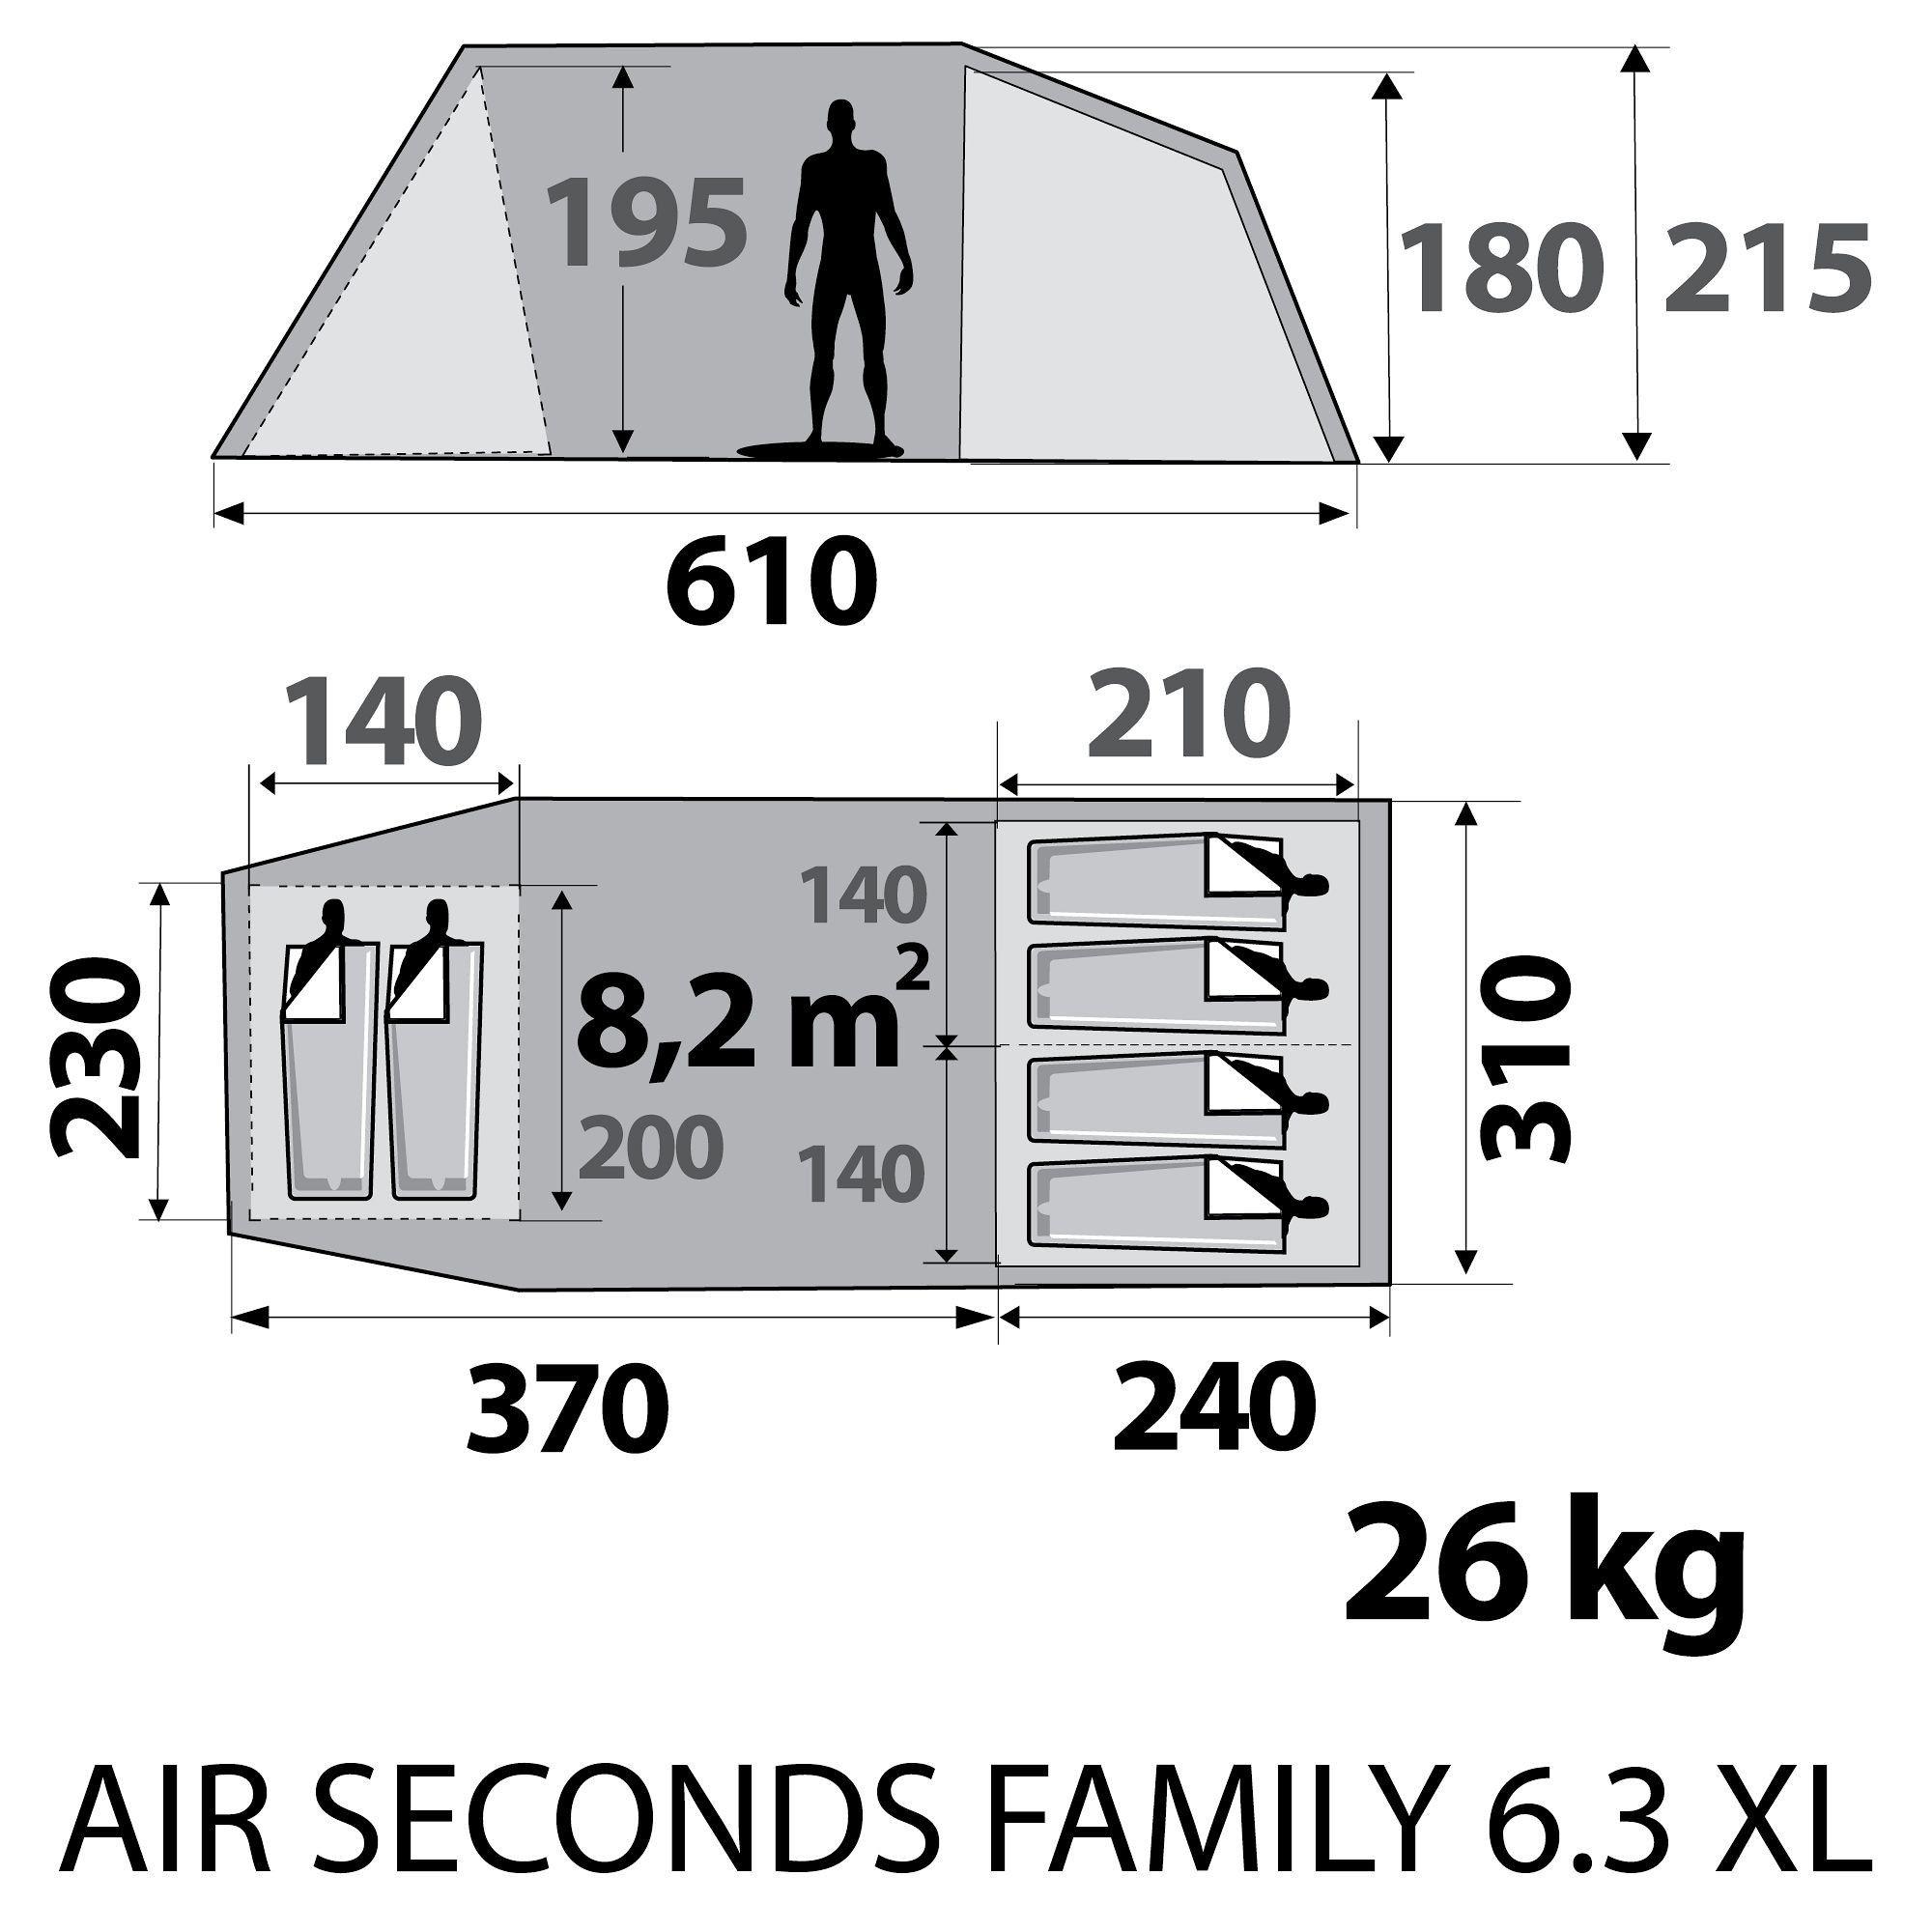 Tente Air Seconds Family 6 3xl Decathlon 549 90 Euros Existe En Fin De Serie Non Air A 279 90 Euros La 3eme Chambre N A Pas De Moustiquaire Pour La Tente E